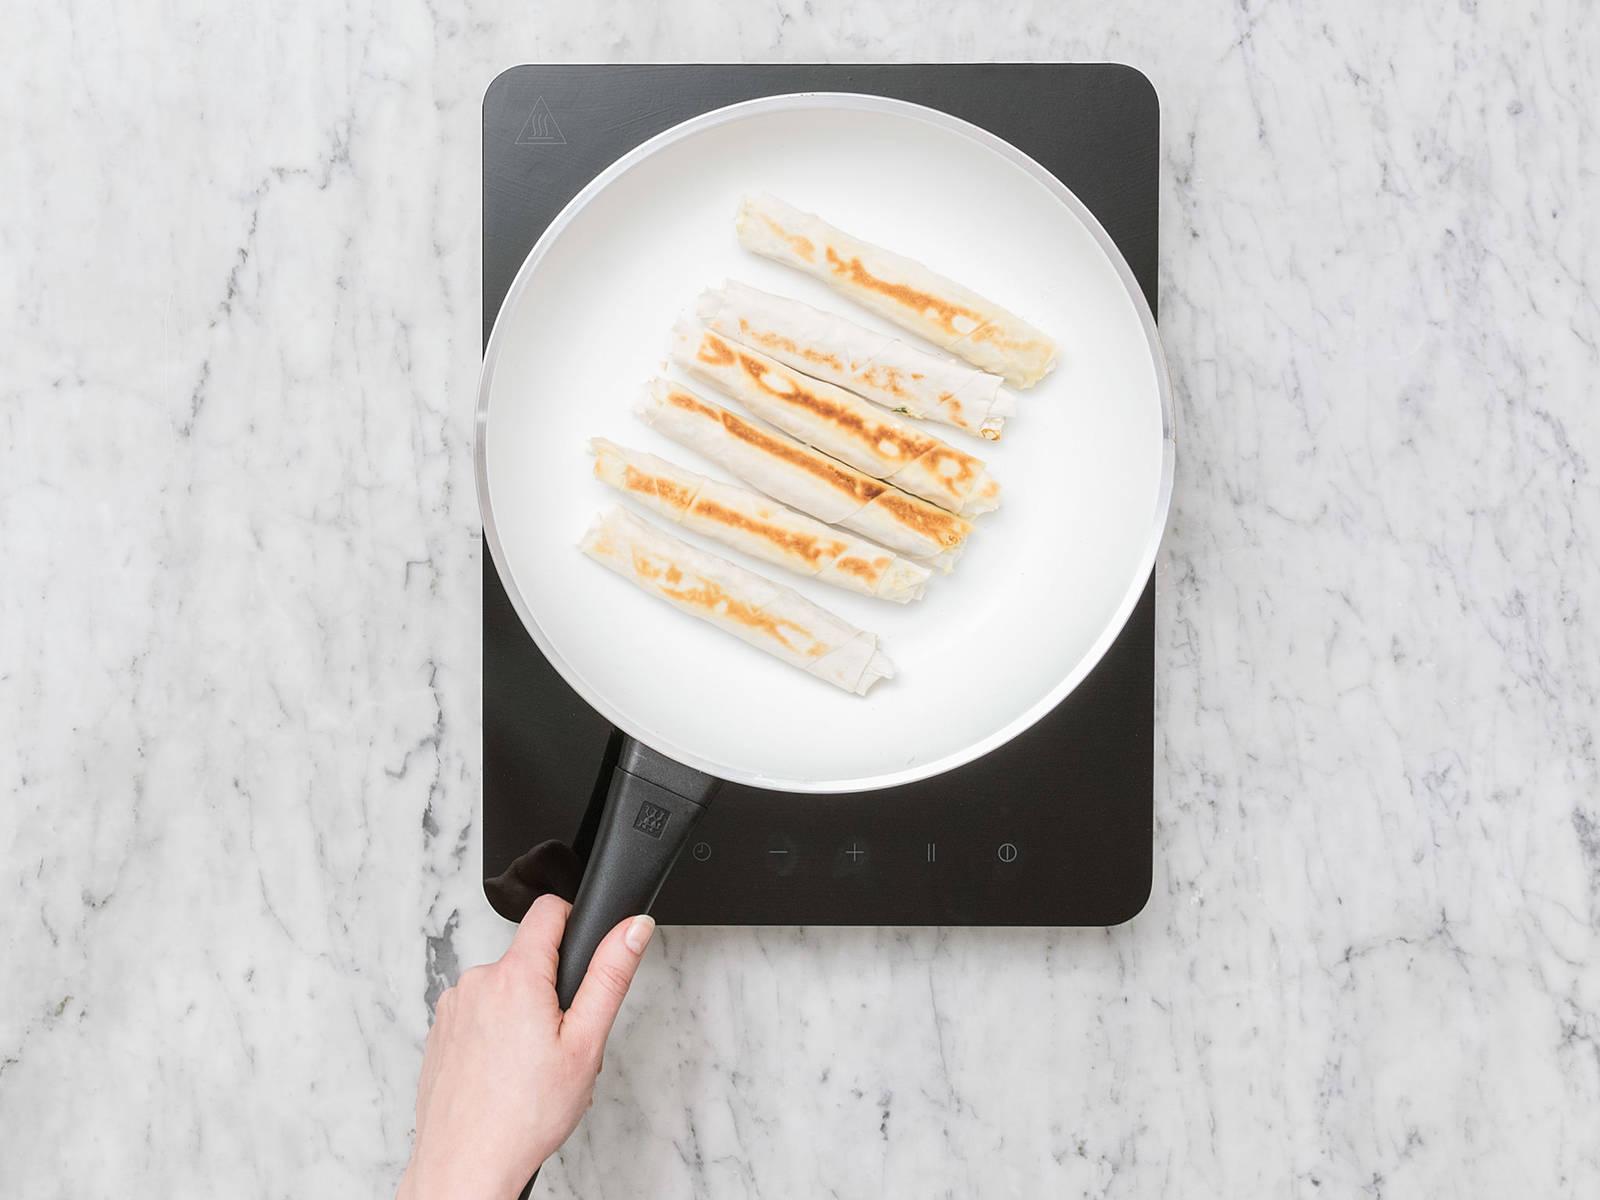 在煎锅中加热植物油,煎芝士卷各面4-5分钟,直至面饼变得焦脆且呈金棕色。放到厨房纸上,吸干多余油分,然后趁热或放凉后享用。祝好胃口!